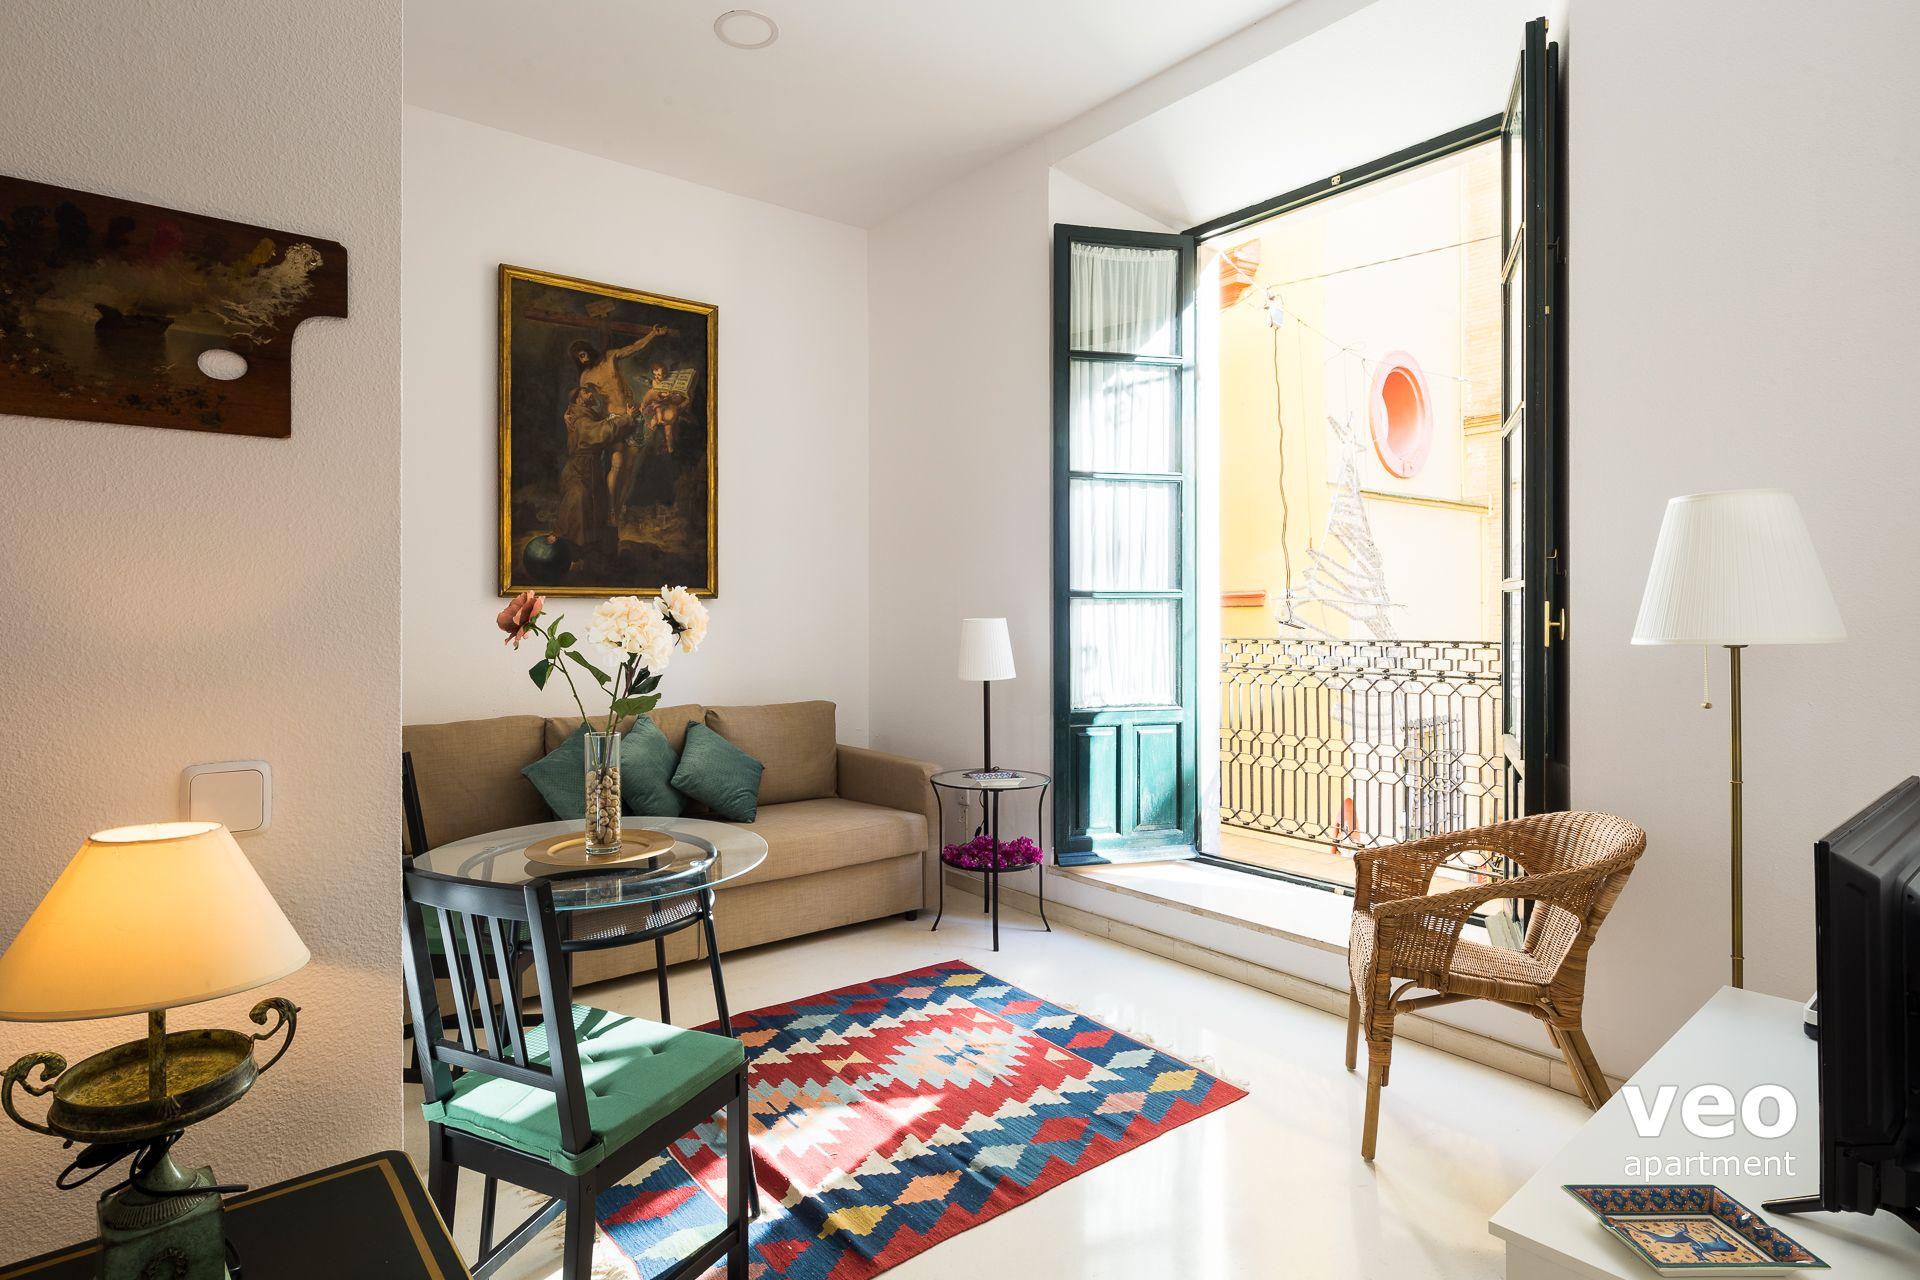 Sevilla apartmento calle francos sevilla espa a francos for Registro bienes muebles sevilla